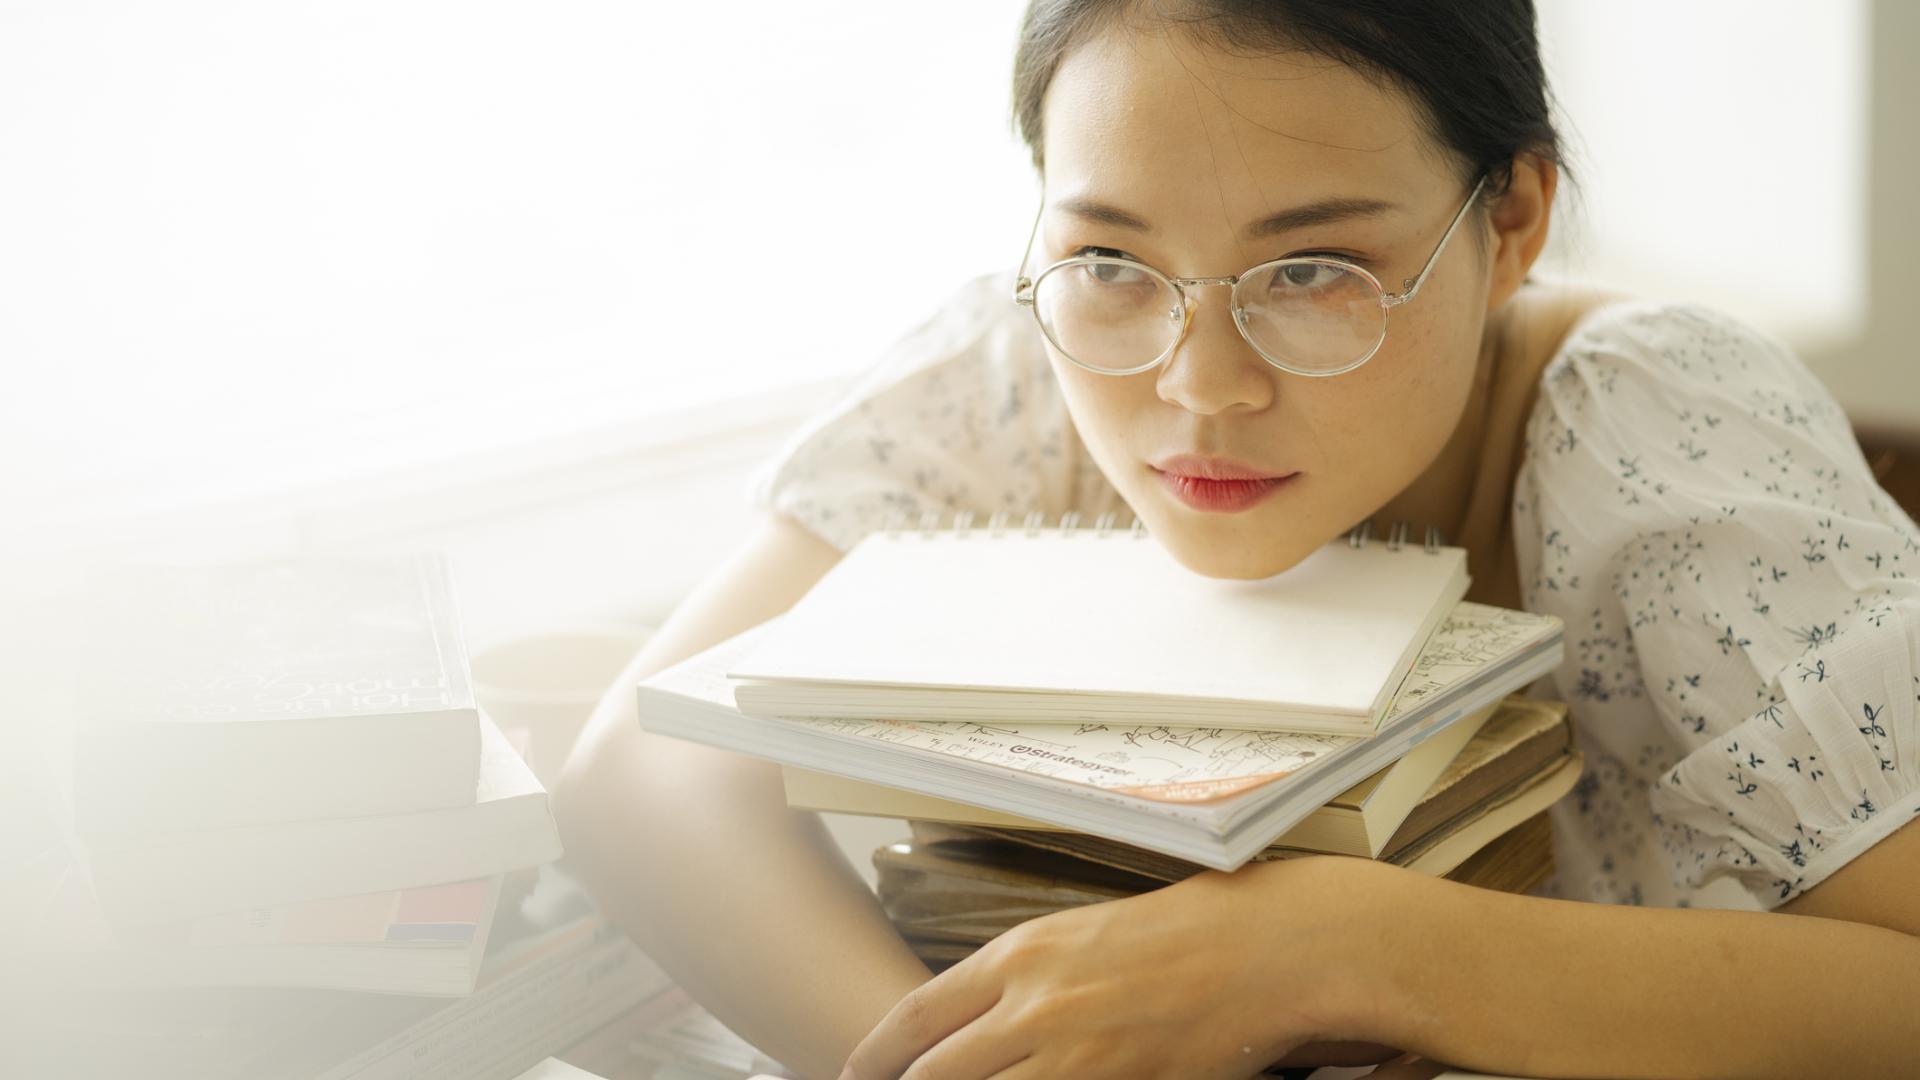 Prüfungsstress Studentin mit Büchern